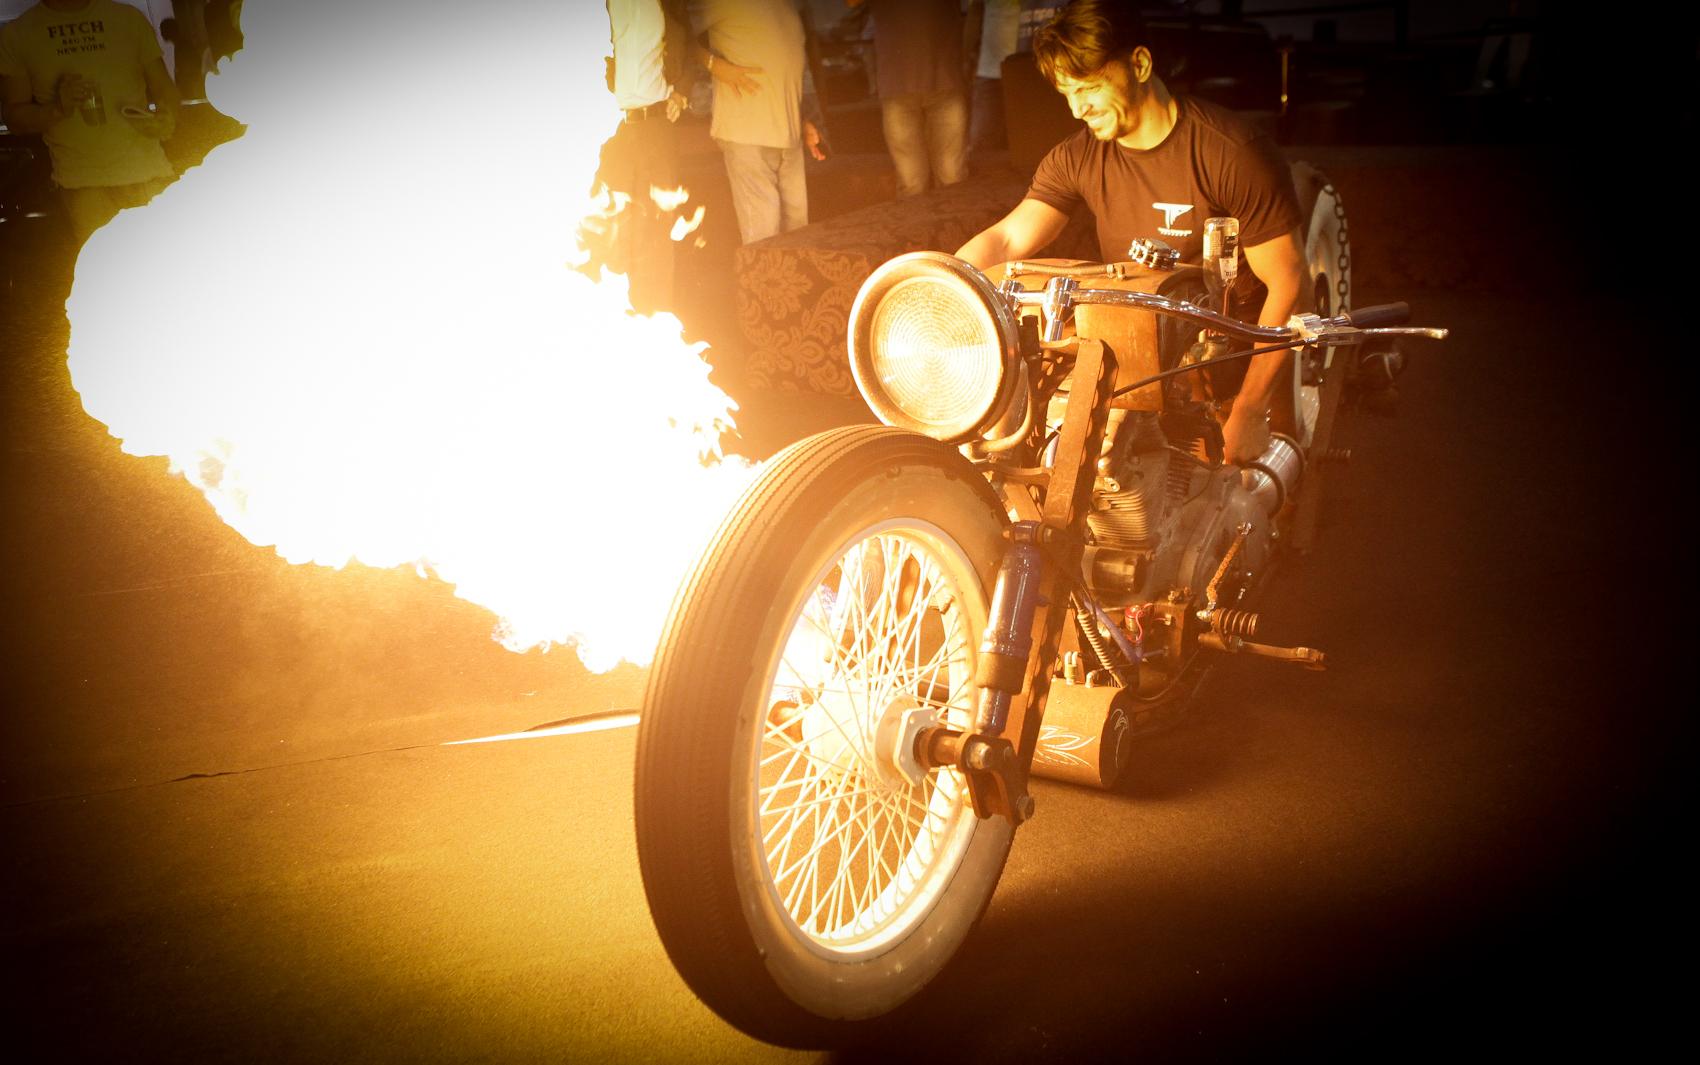 Com visual de enferrujada e rodas de carro, uma moto customizada, exposta no AutoEsporte ExpoShow, é avaliada em cerca de R$ 300 mil, de acordo com seu criador, o piloto Tarso Marques.